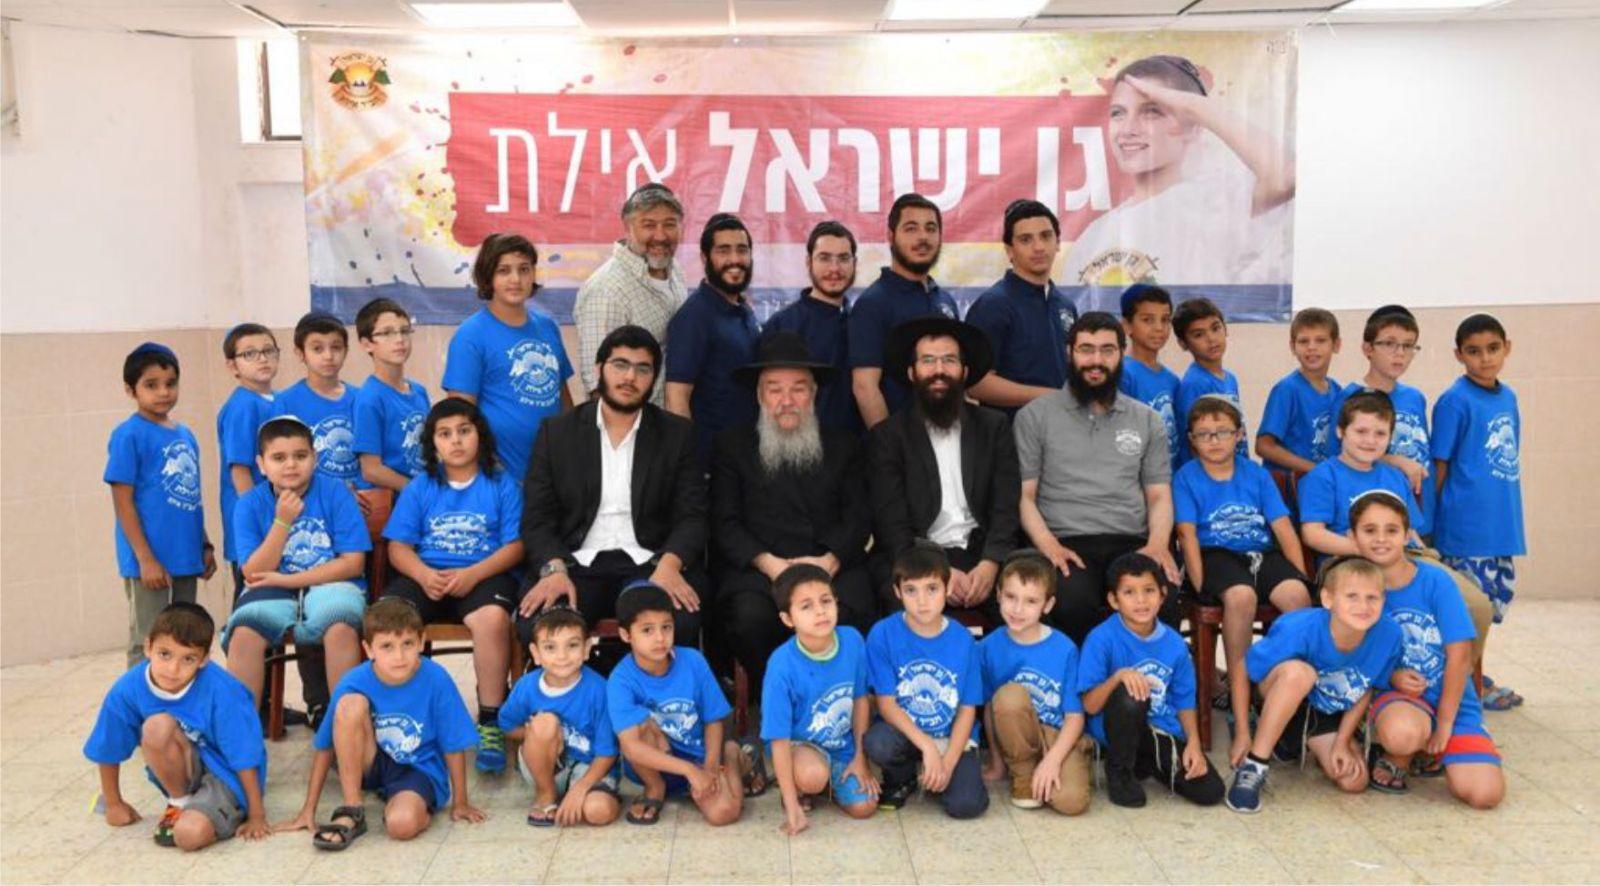 לראשונה 'גן ישראל' –  כייף תפילה ולימוד